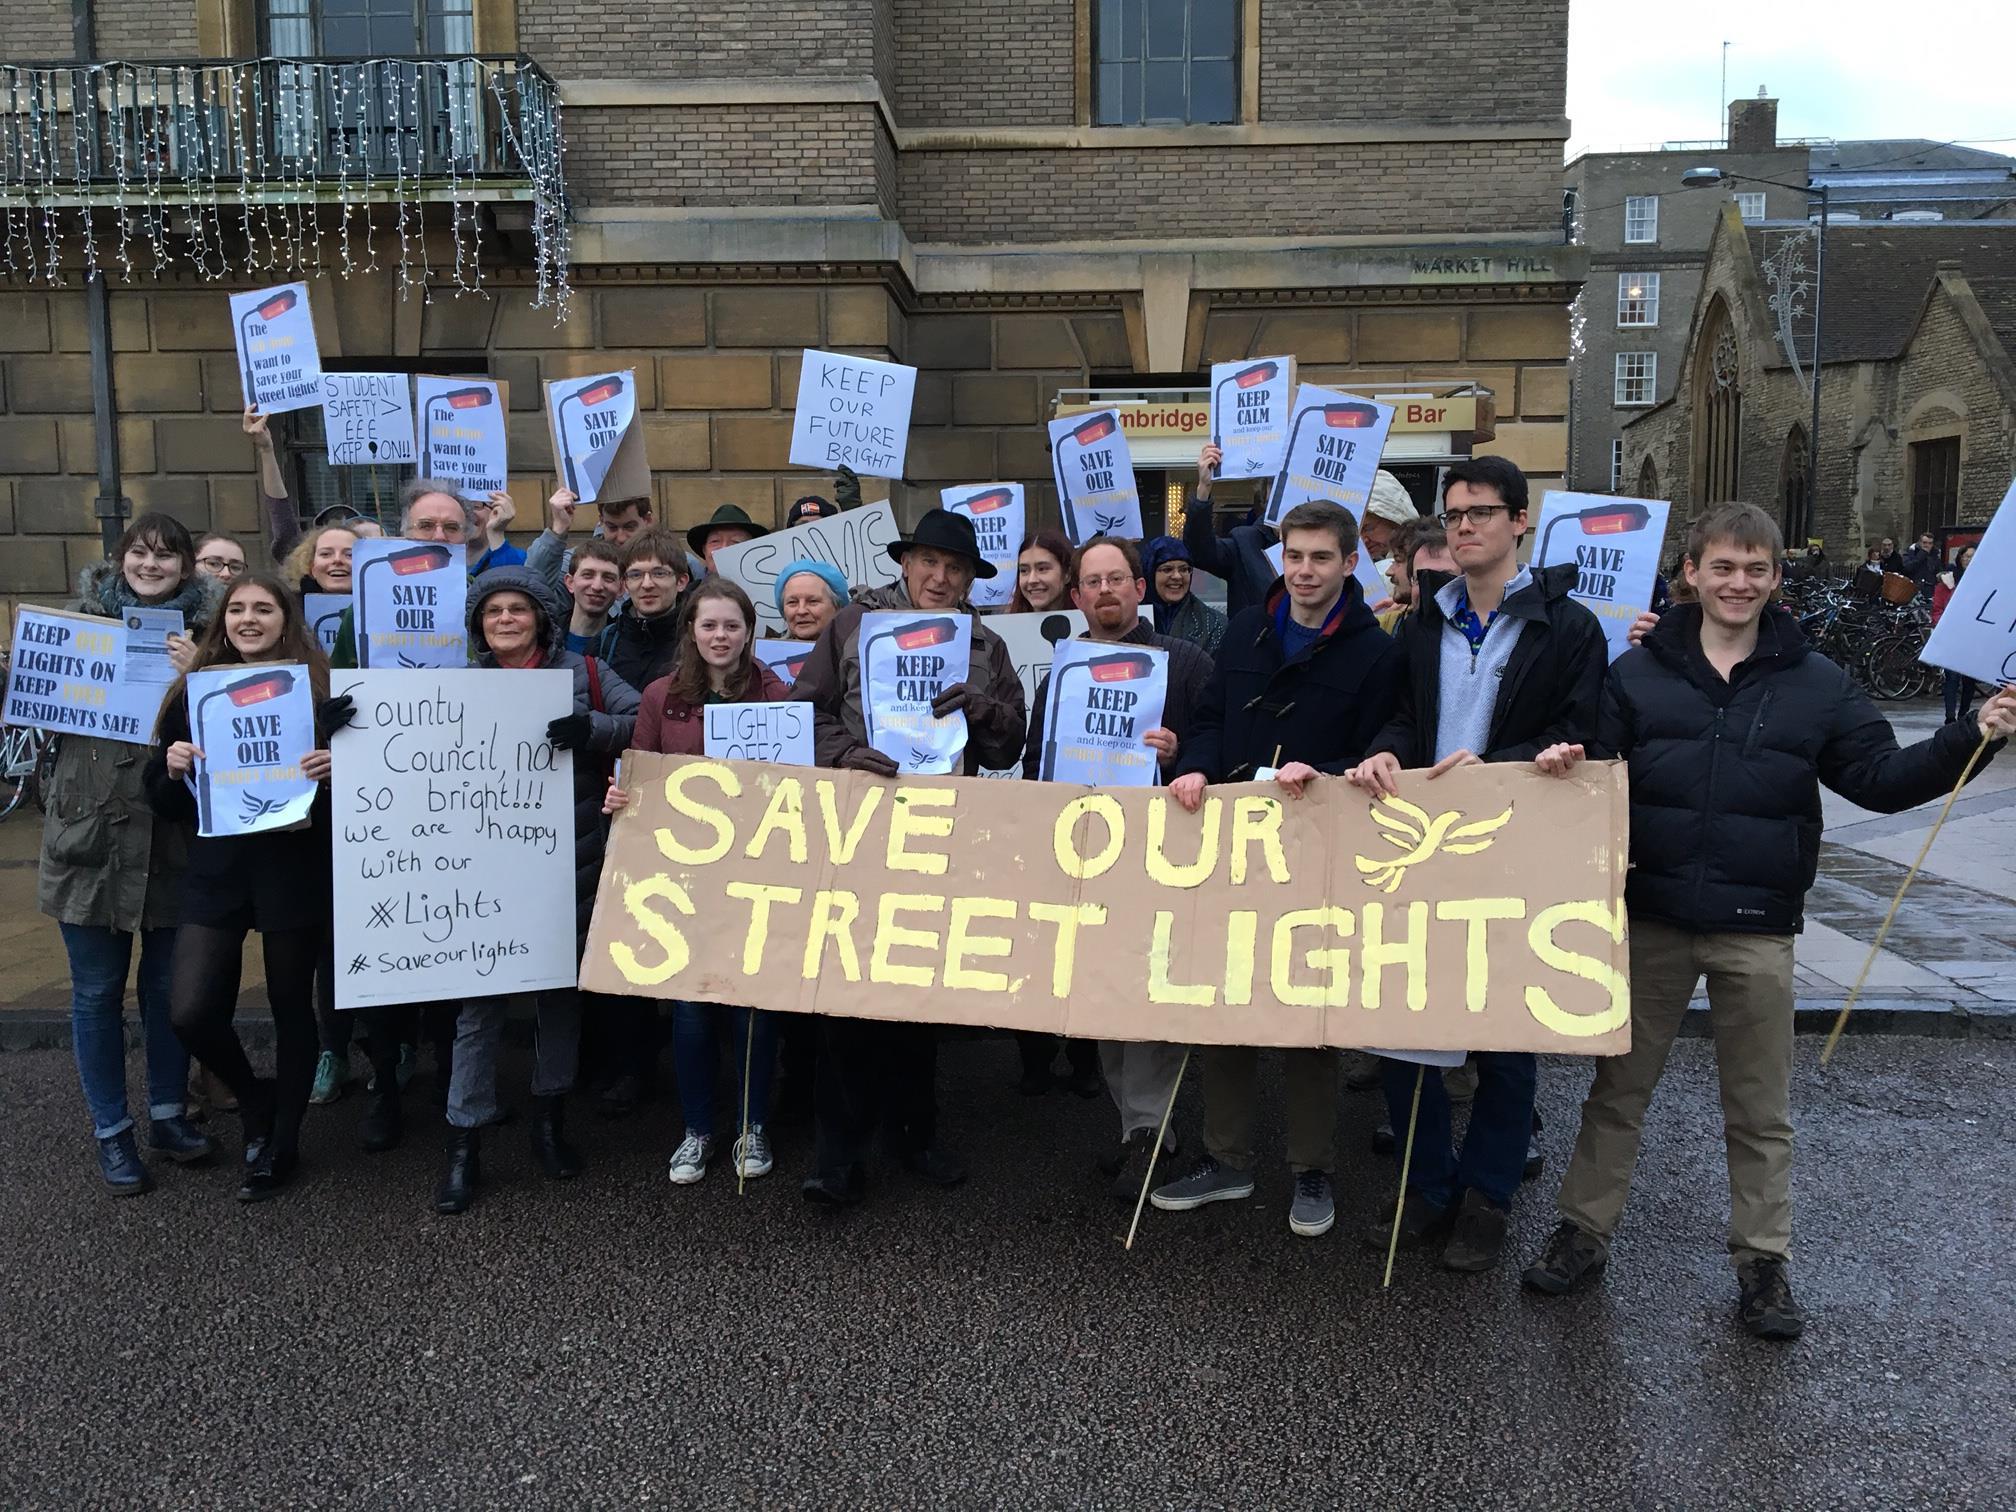 Streetlights protest